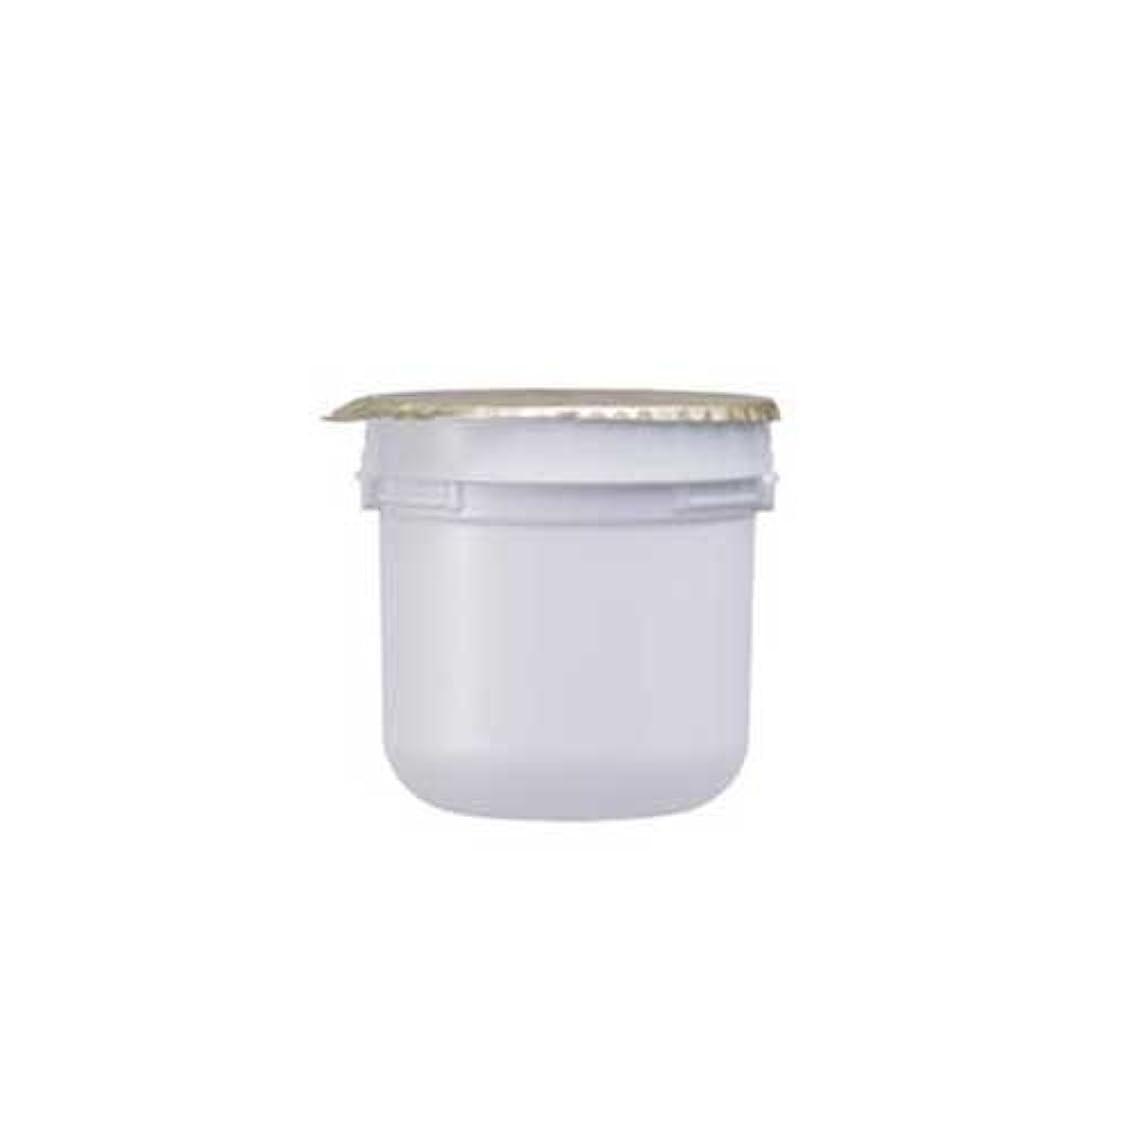 部門スペースオーナーASTALIFT(アスタリフト) ホワイト クリーム(美白クリーム)レフィル 30g